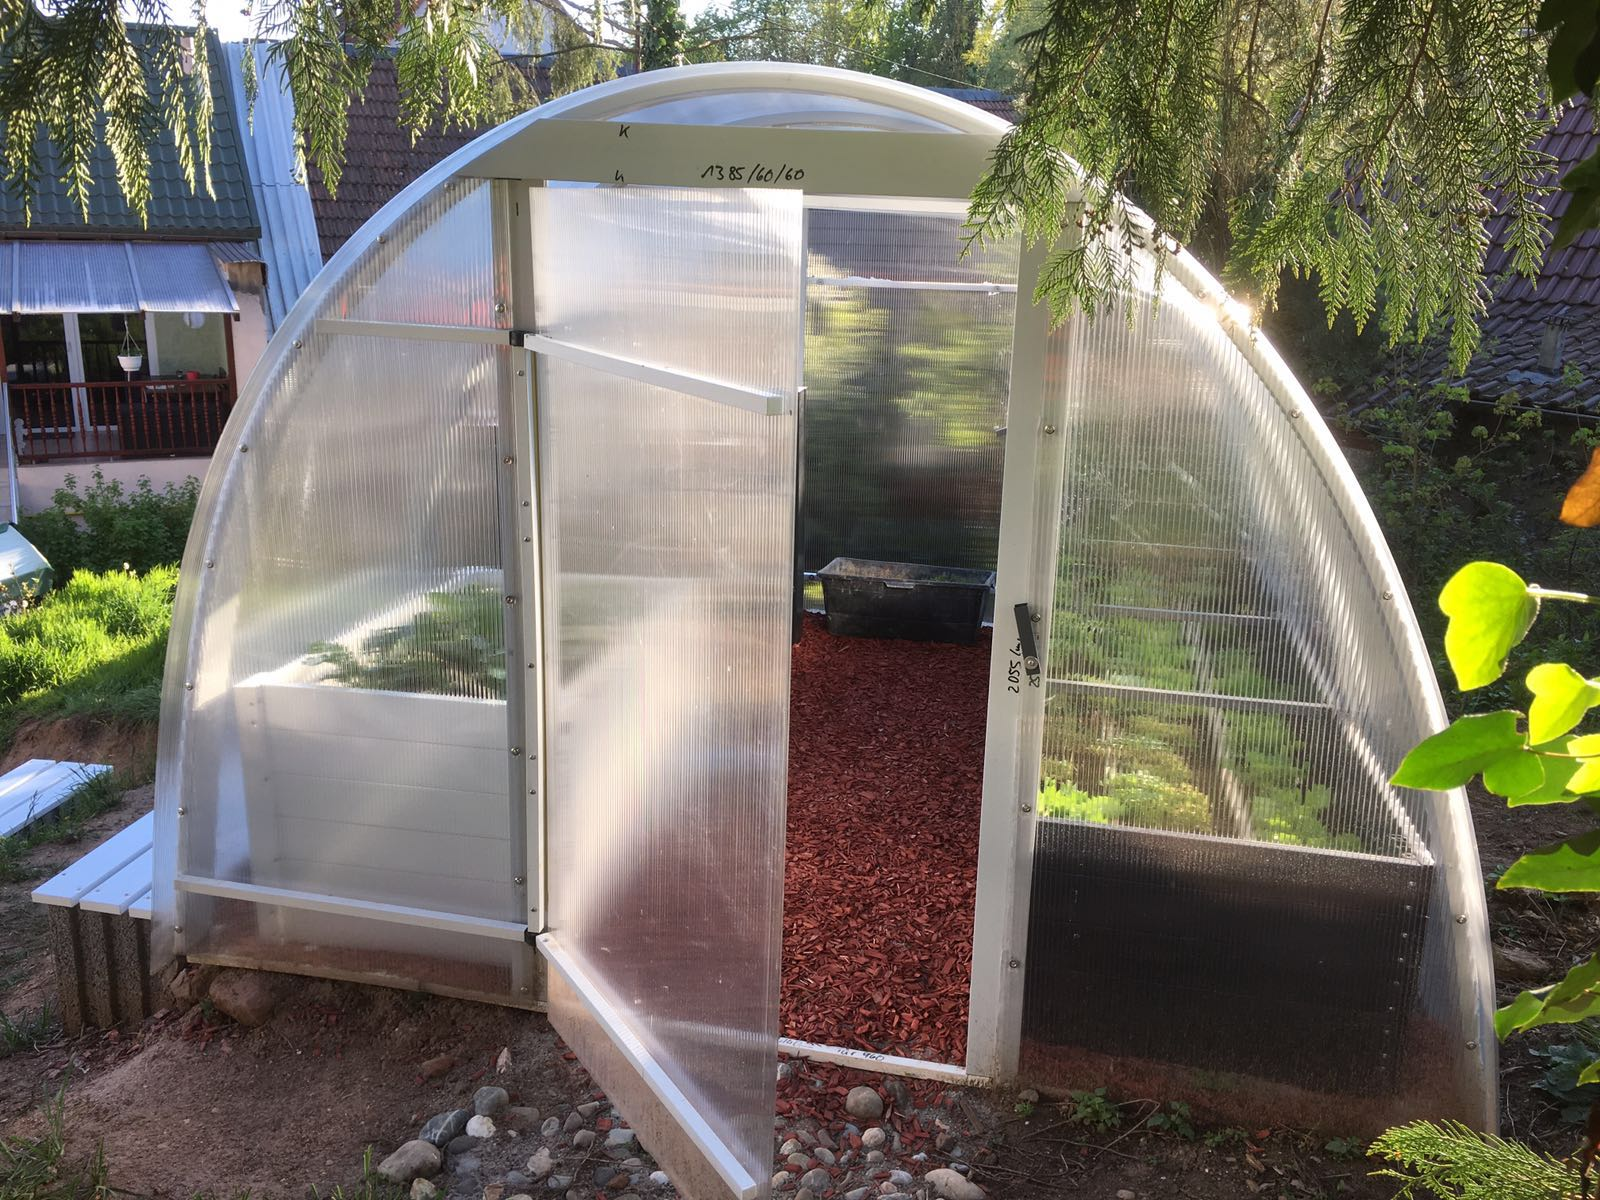 licht tunnel moreplast der shop f r kunststoff produkte. Black Bedroom Furniture Sets. Home Design Ideas